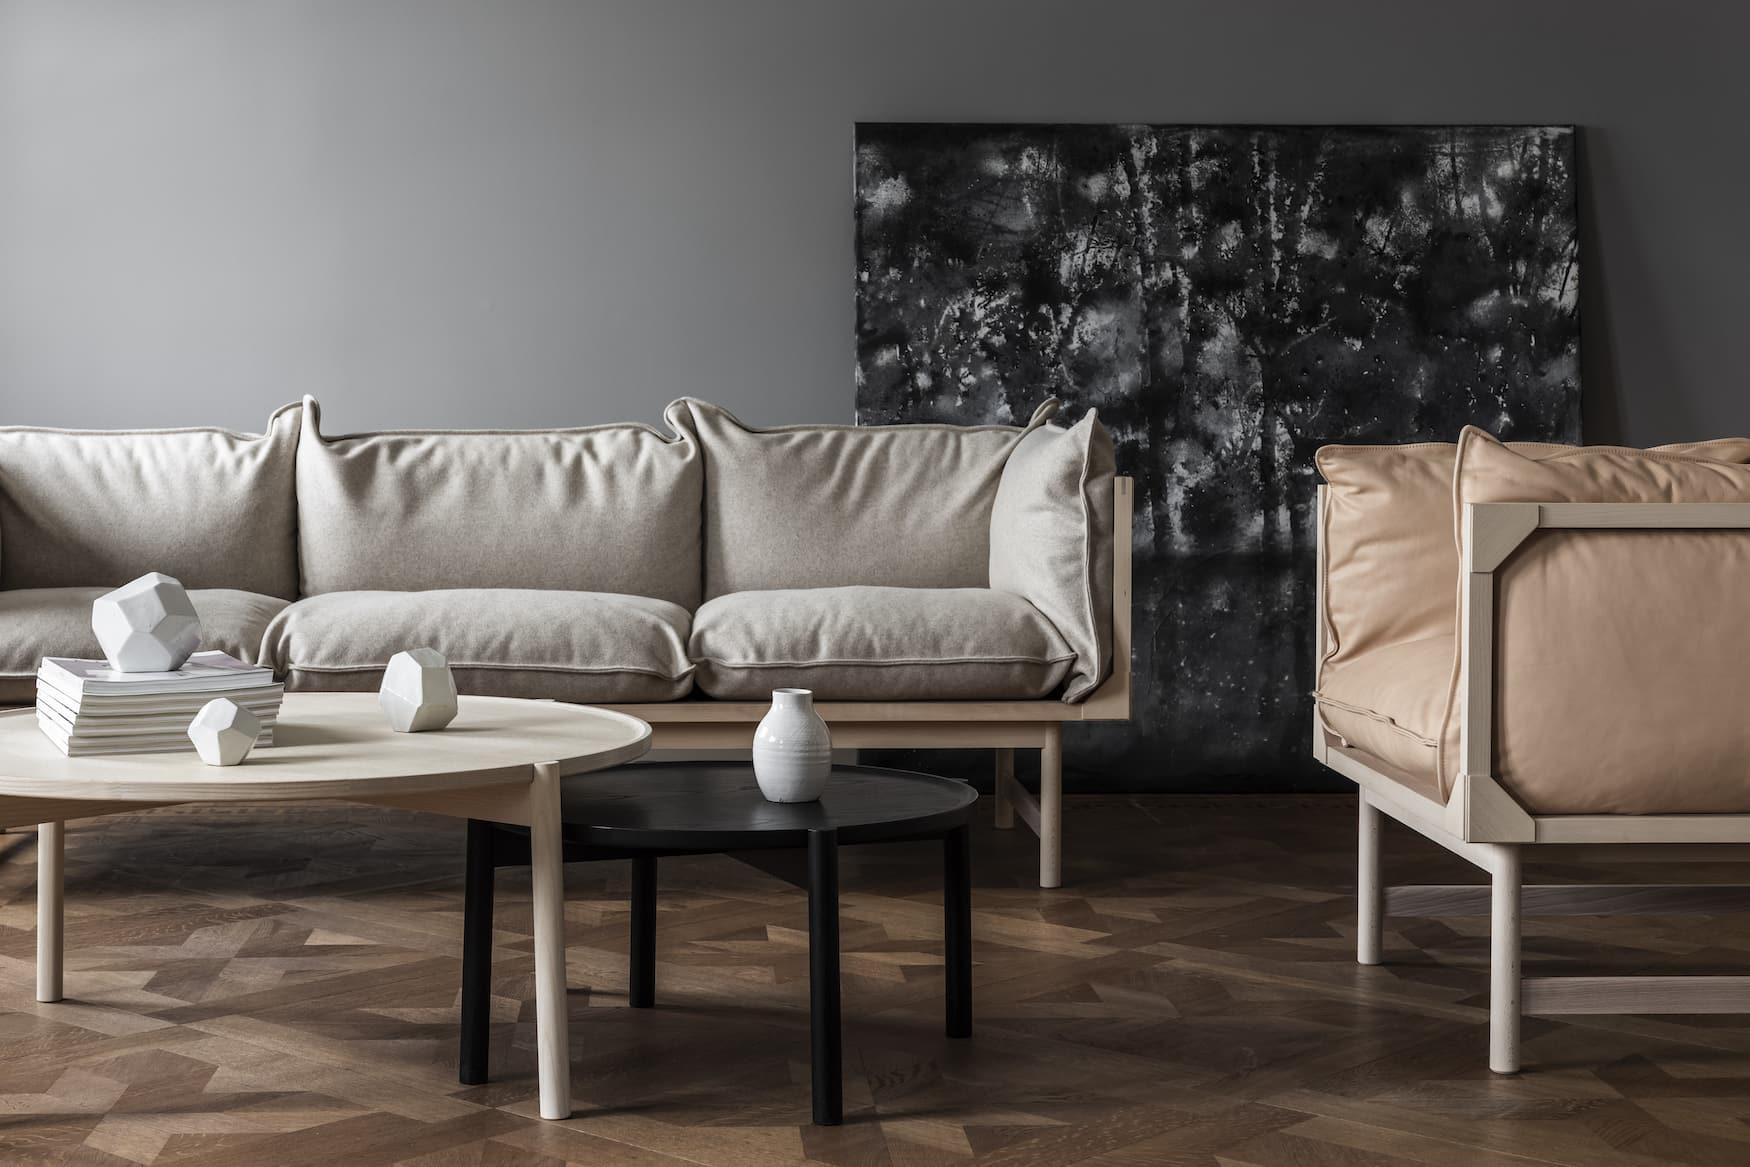 Design-Sofa von Gärsnäs